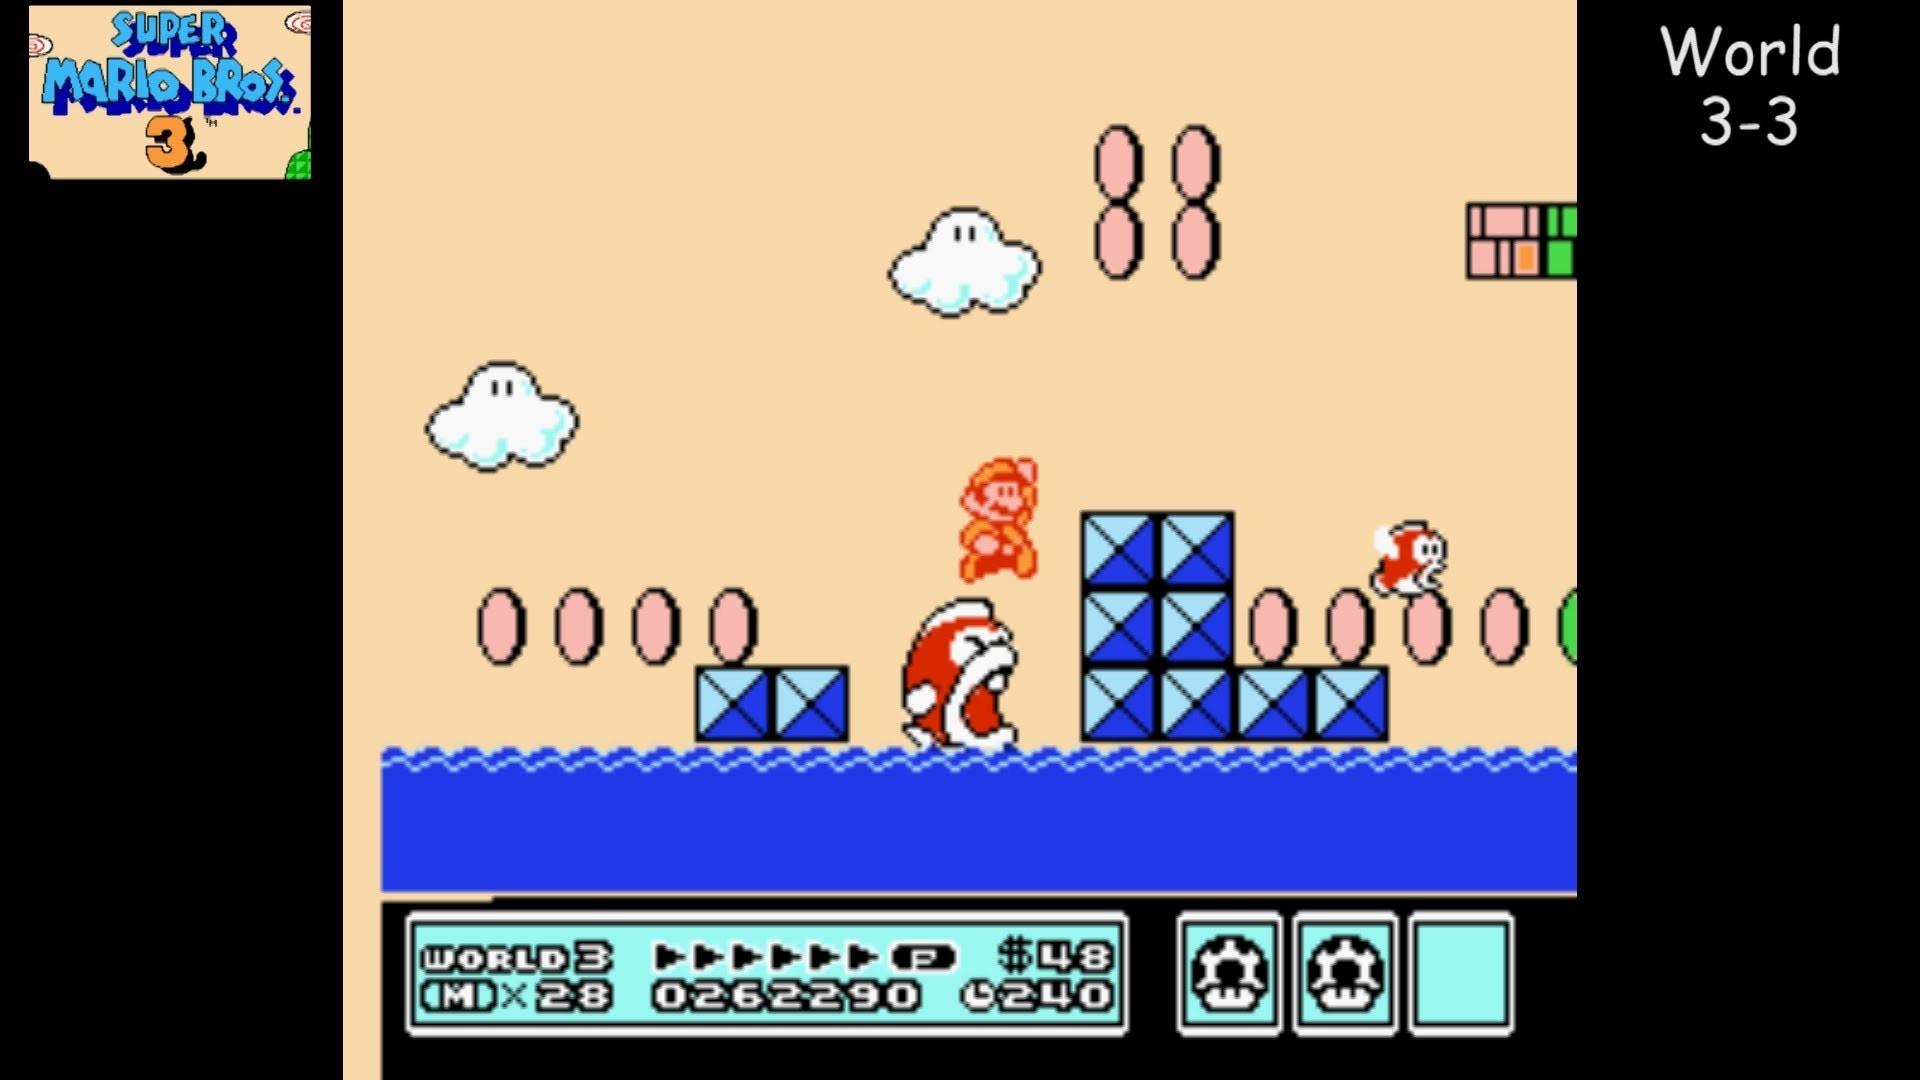 Super Mario Bros Nes Wallpaper (70+ images)